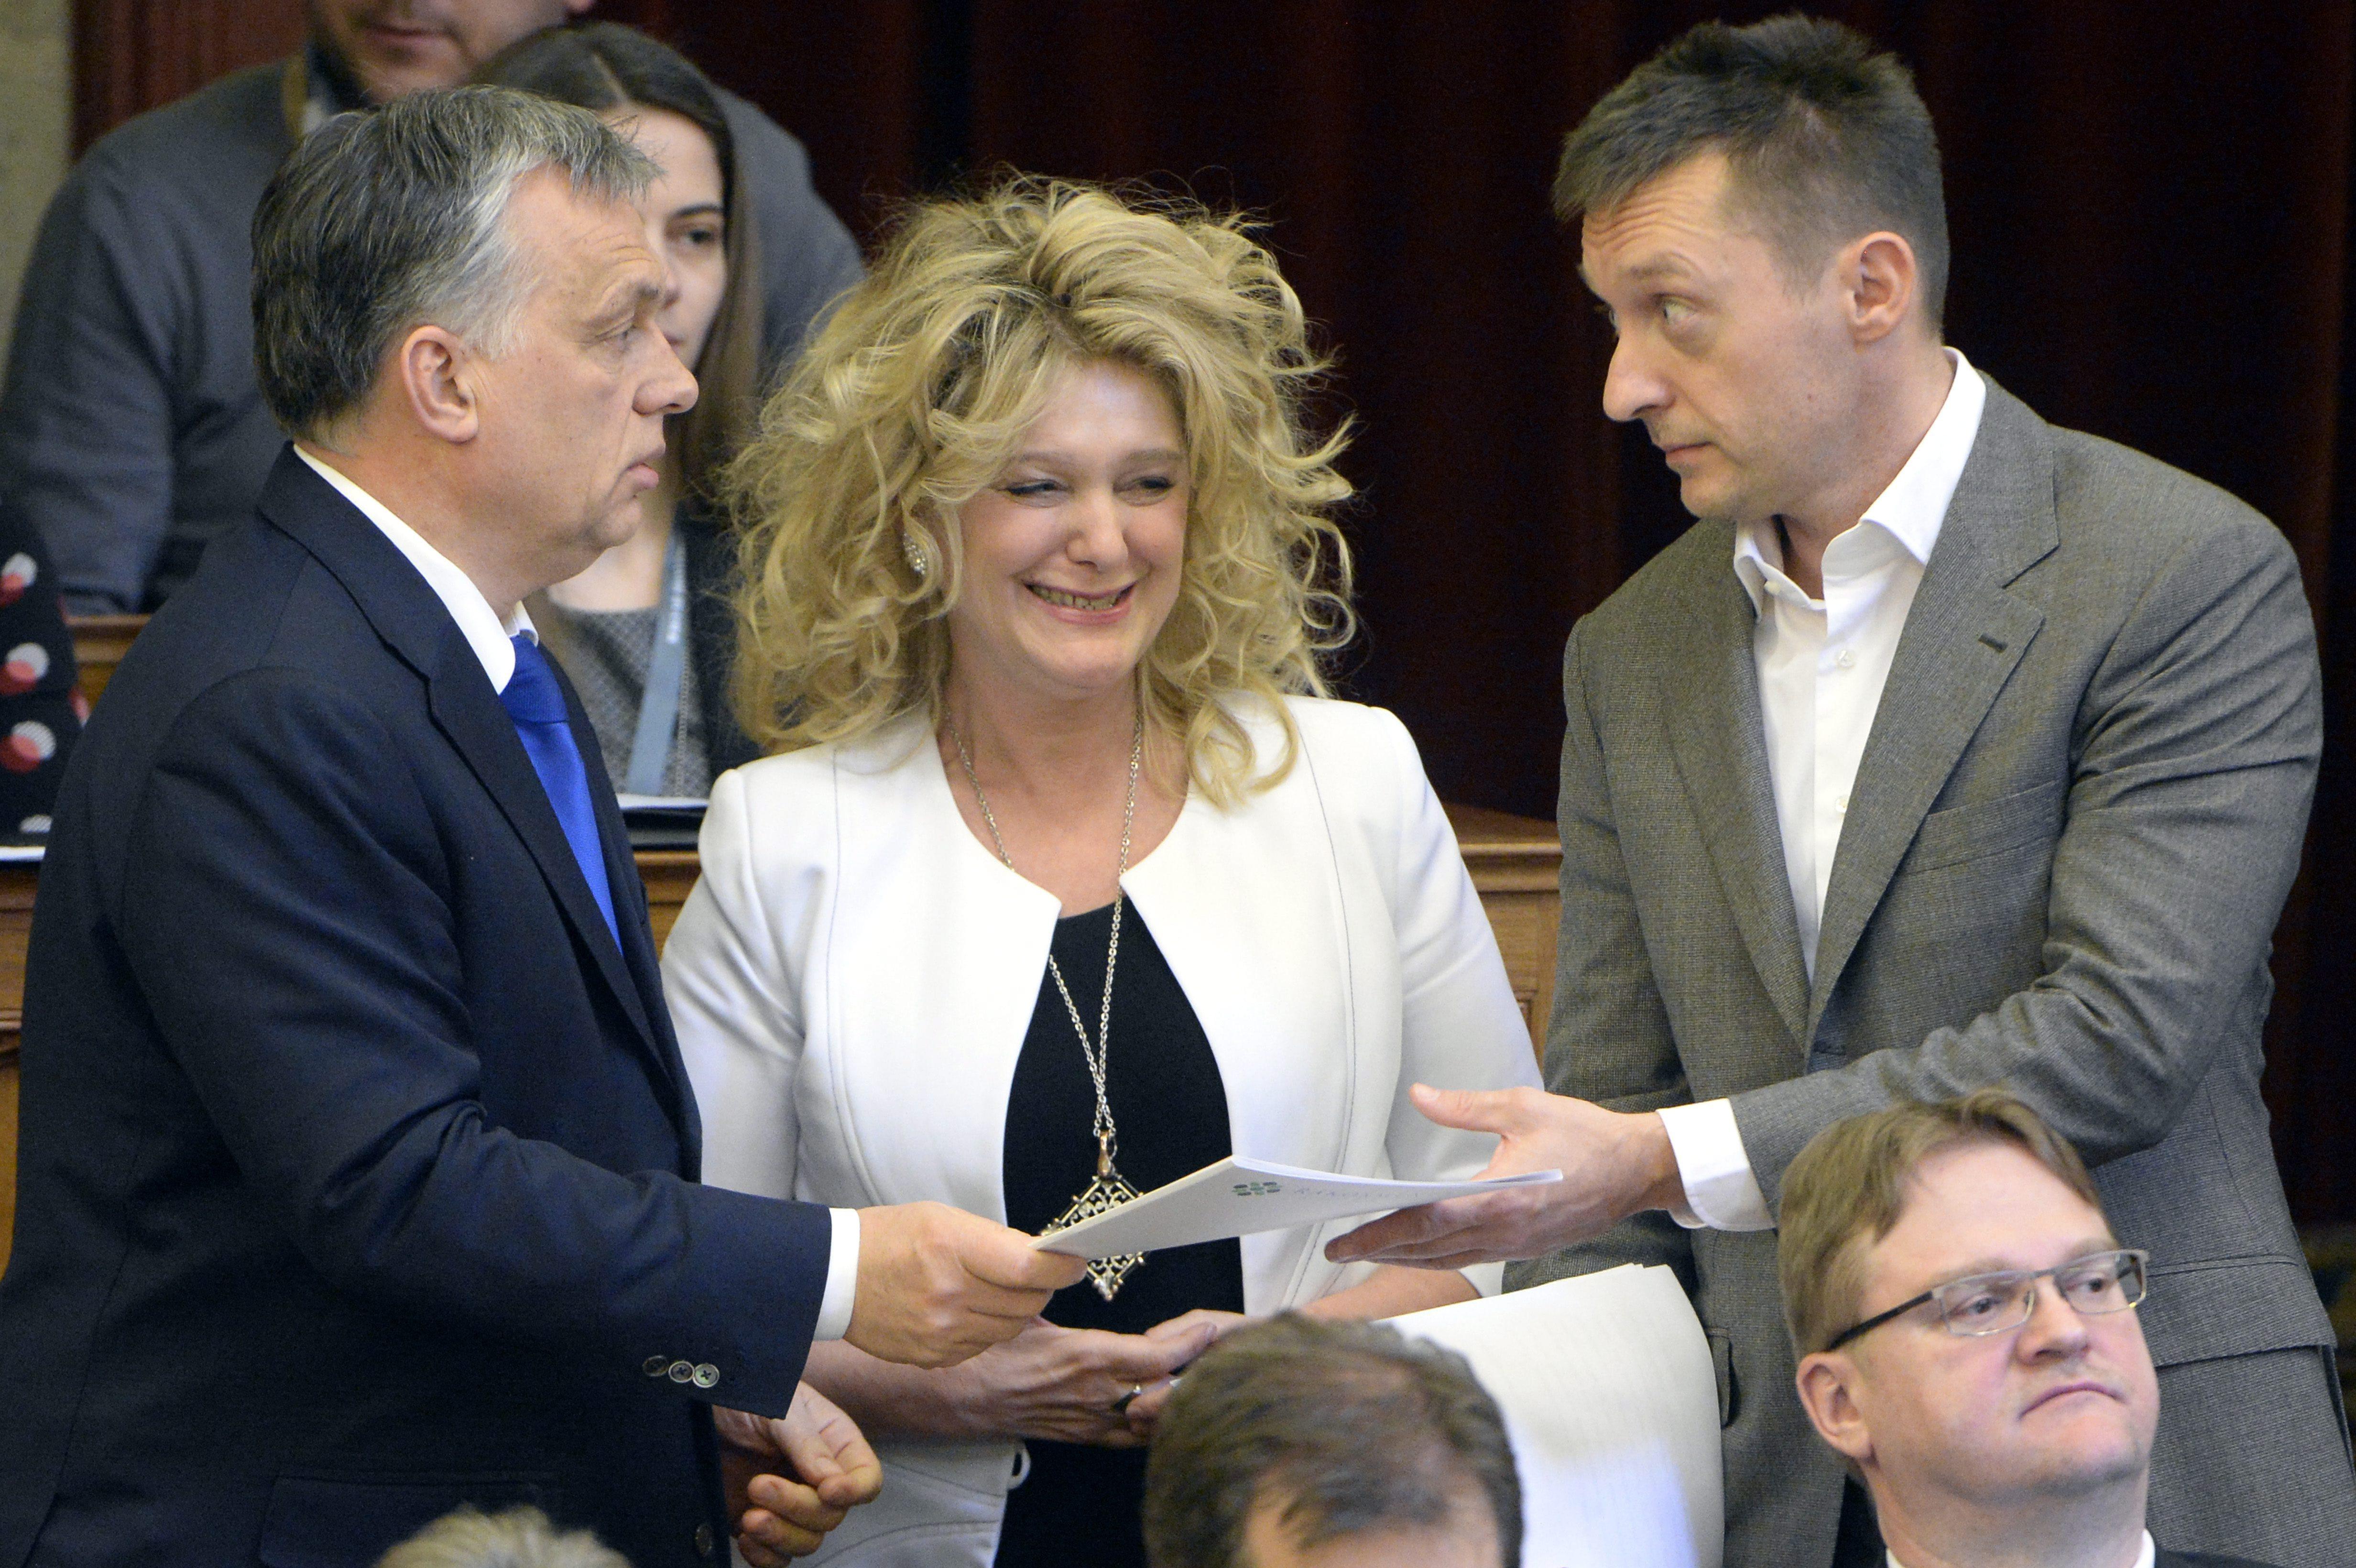 """A Fidesz szóvivőjének válasza arra, mi lett a magánnyugdíjpénztáraktól lenyúlt pénzzel: 1. """"Gyurcsány"""", 2. """"Válaszoltam önnek"""""""